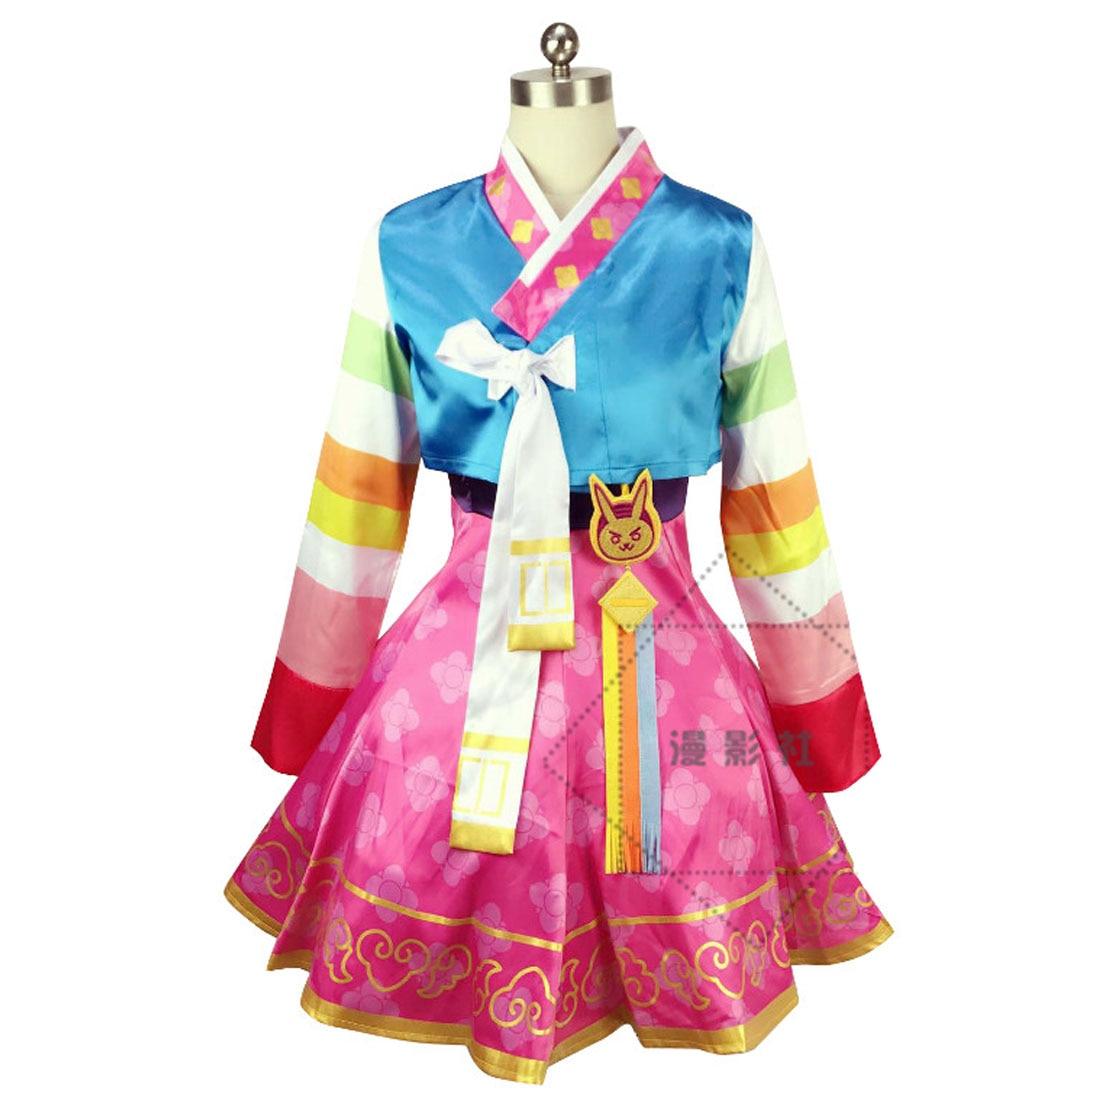 OW DVA Korea Hanhok Dress Cosplay Costume Wig Outfit